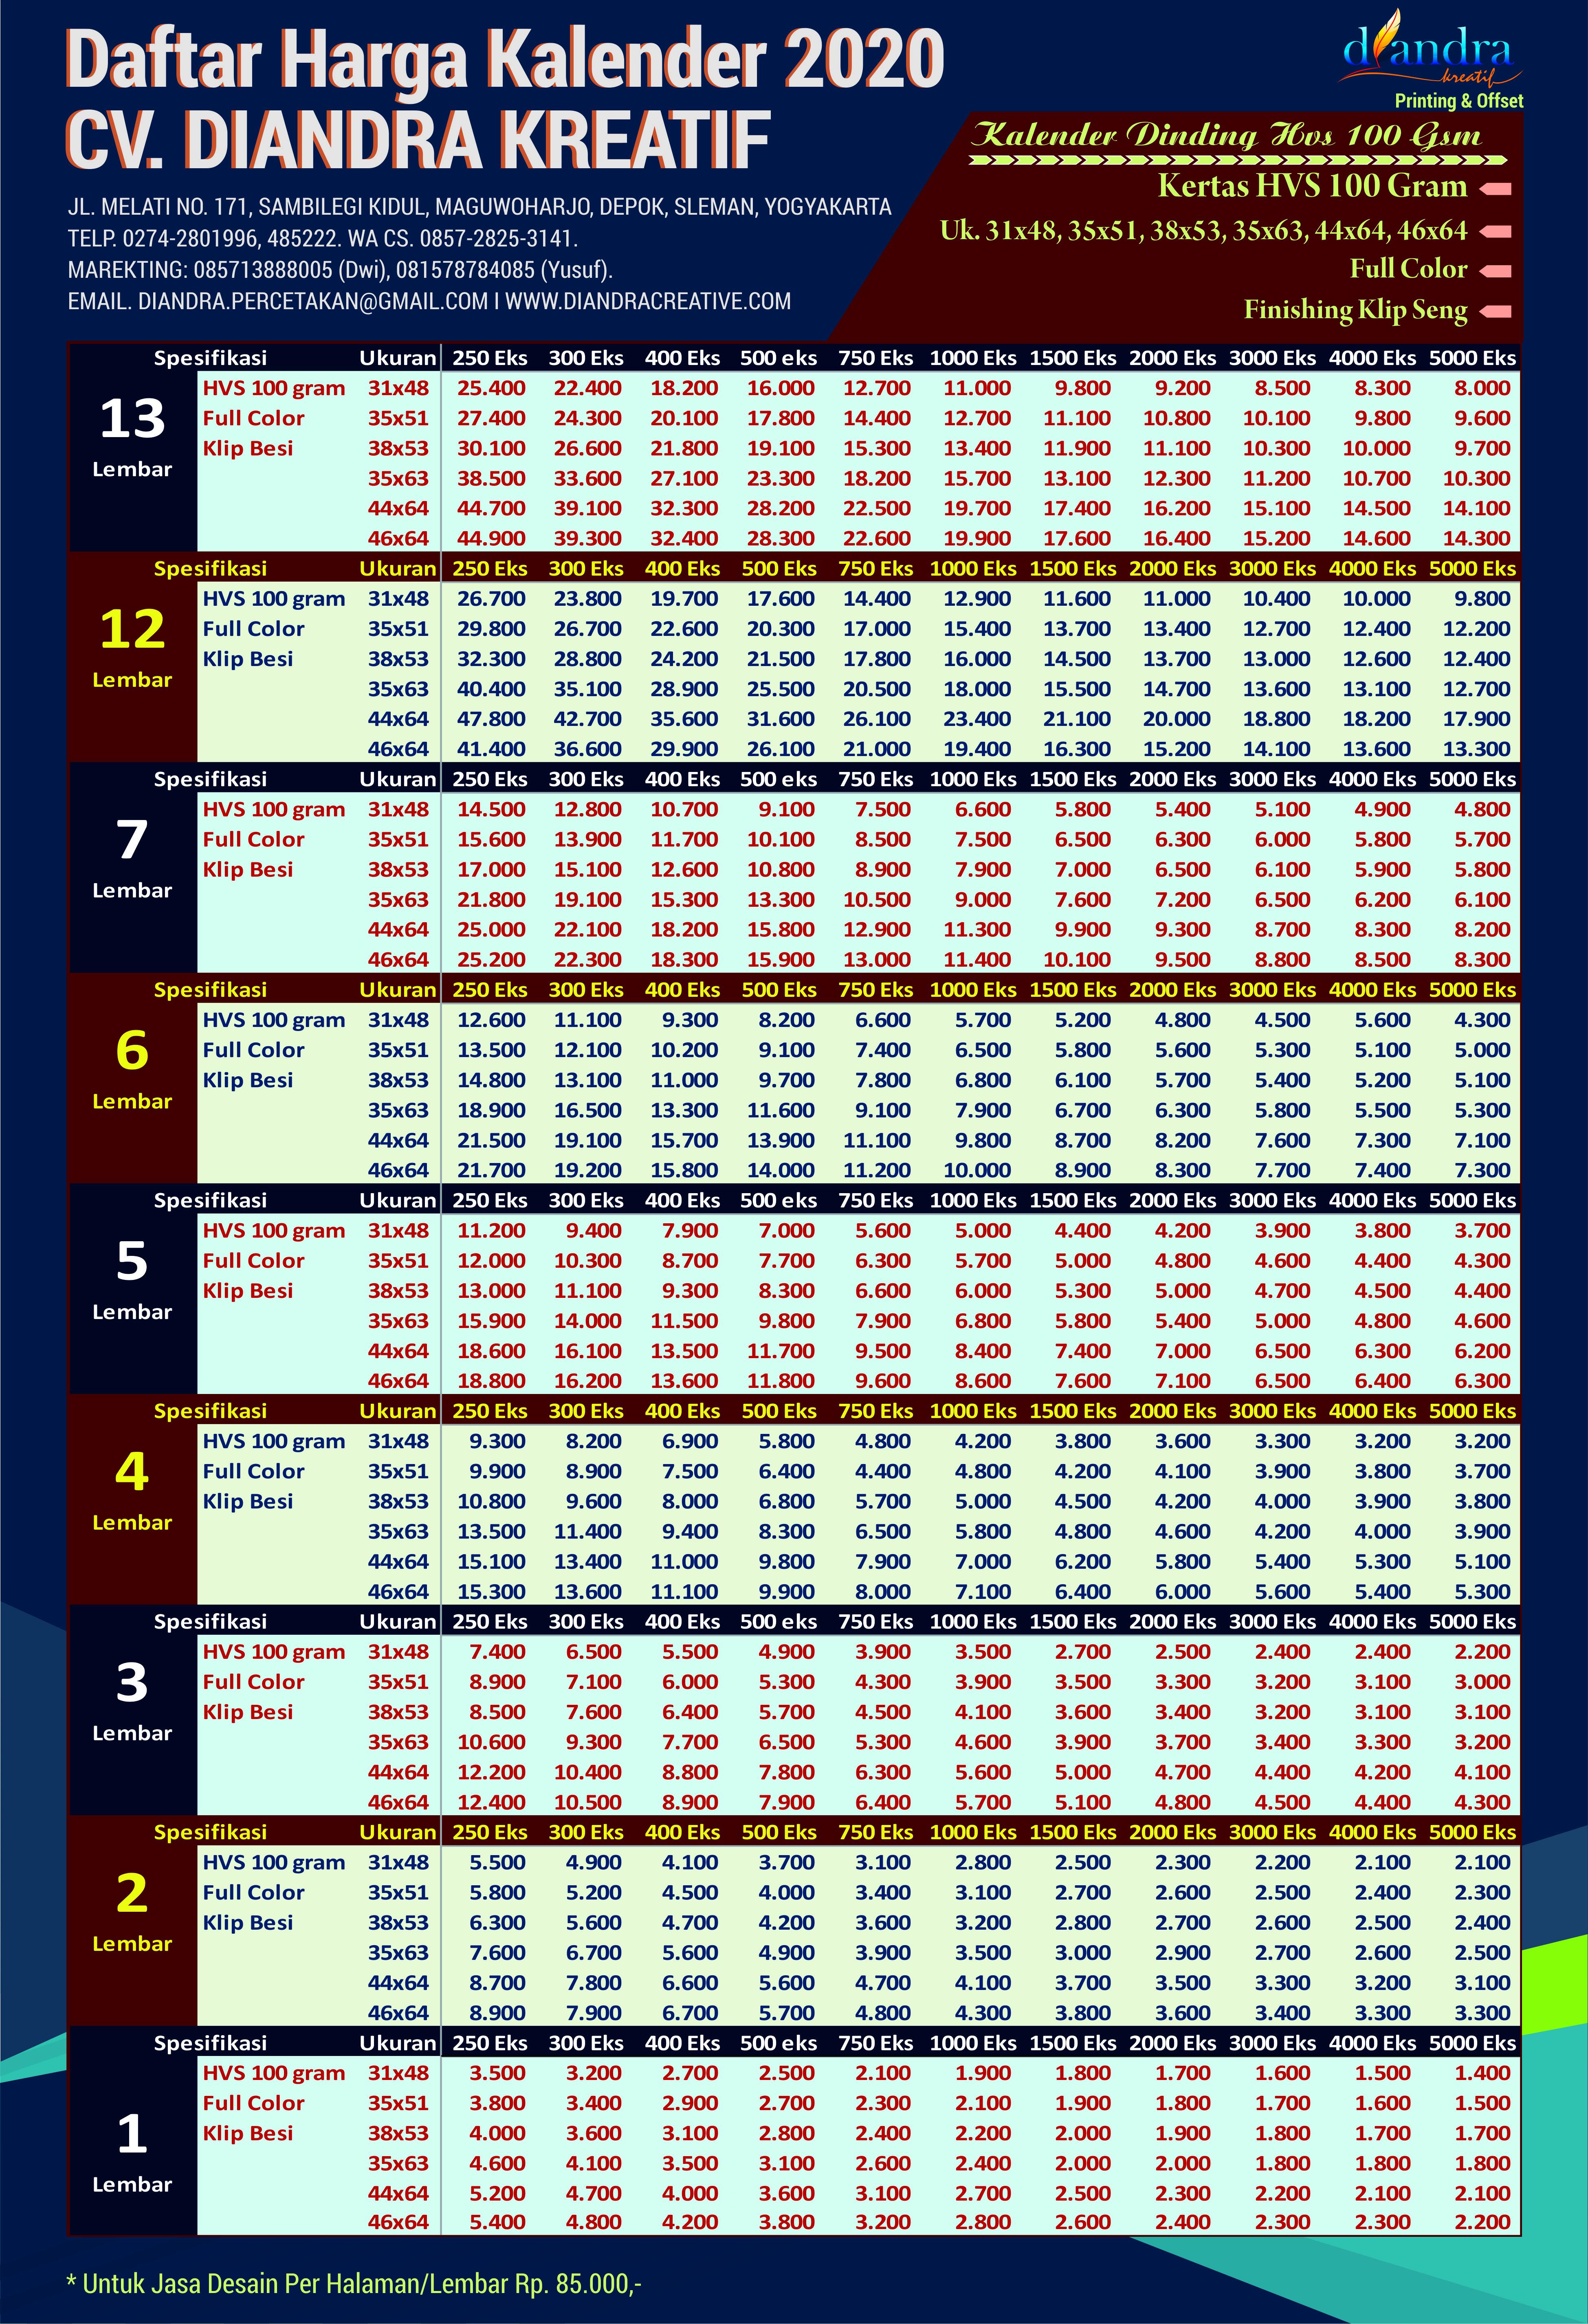 Kalender HVS 100 Gram 2020